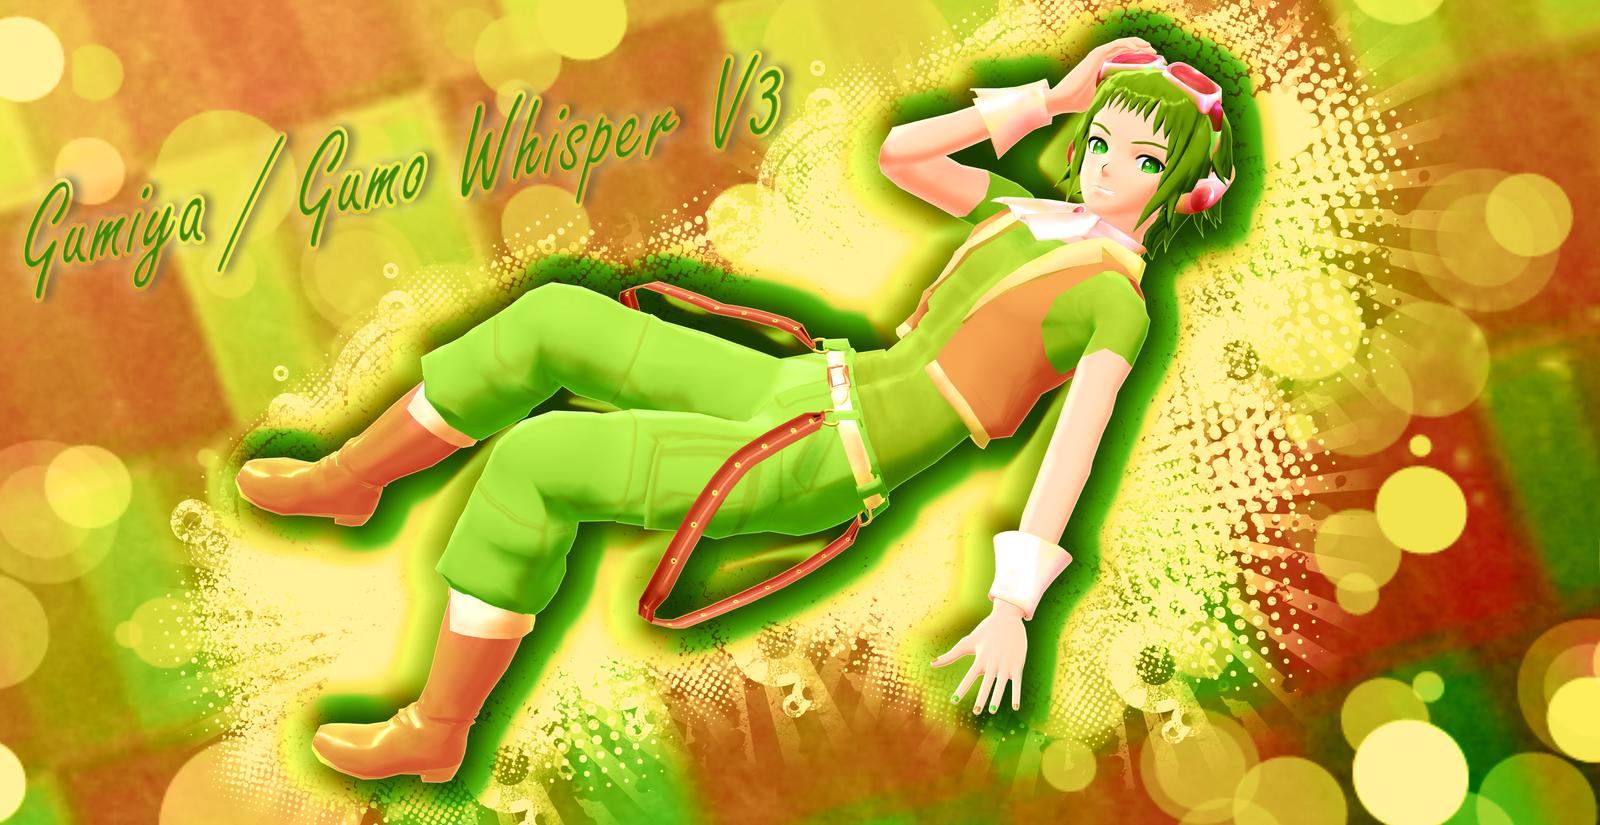 MMD-Gumiya or Gumo Whisper V3- by Hikary1